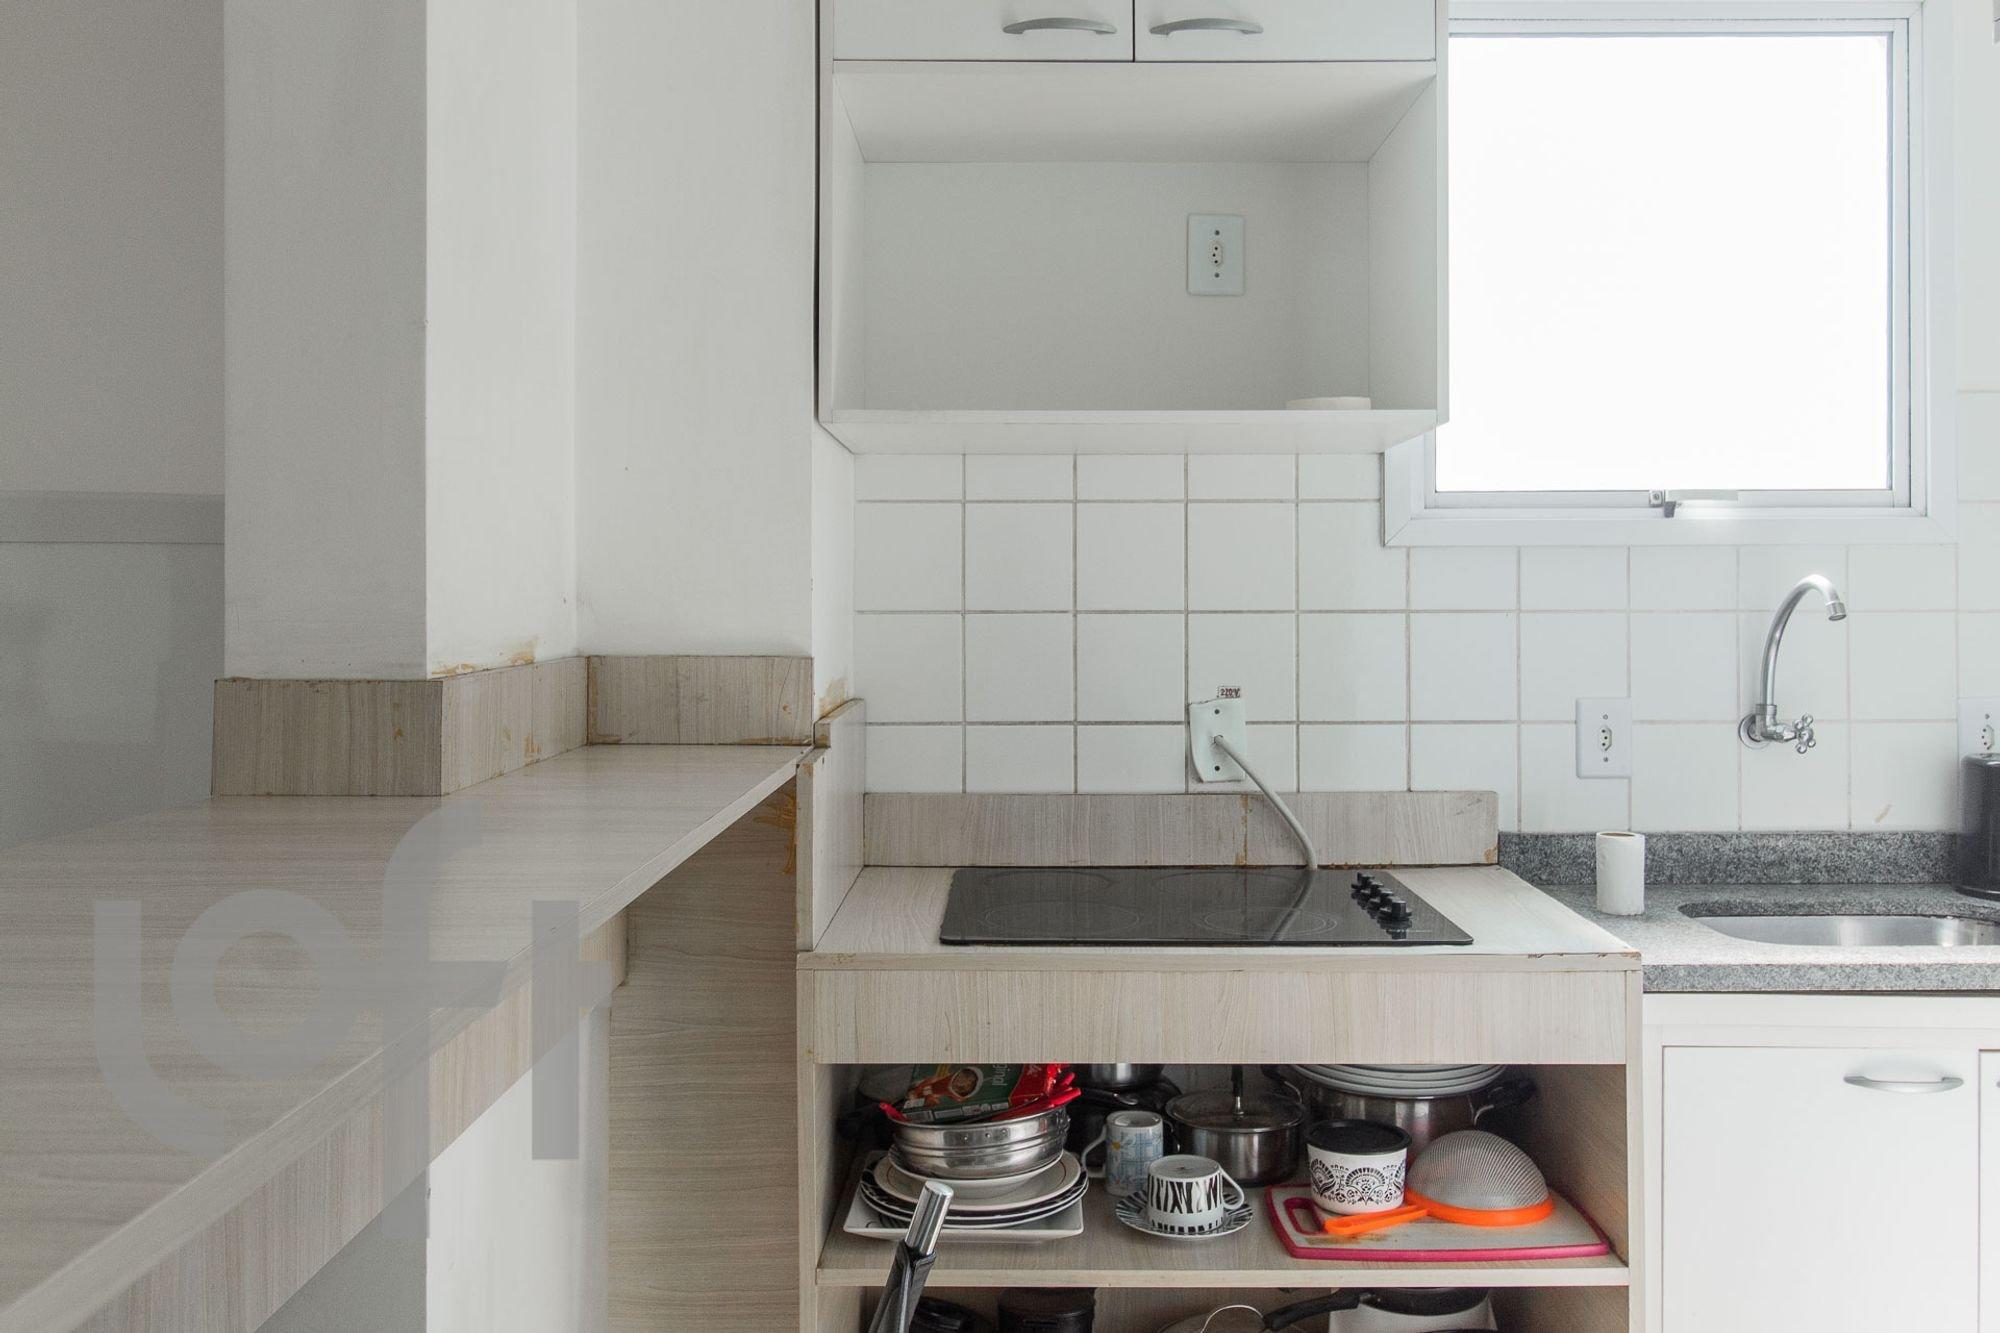 Foto de Cozinha com cadeira, pia